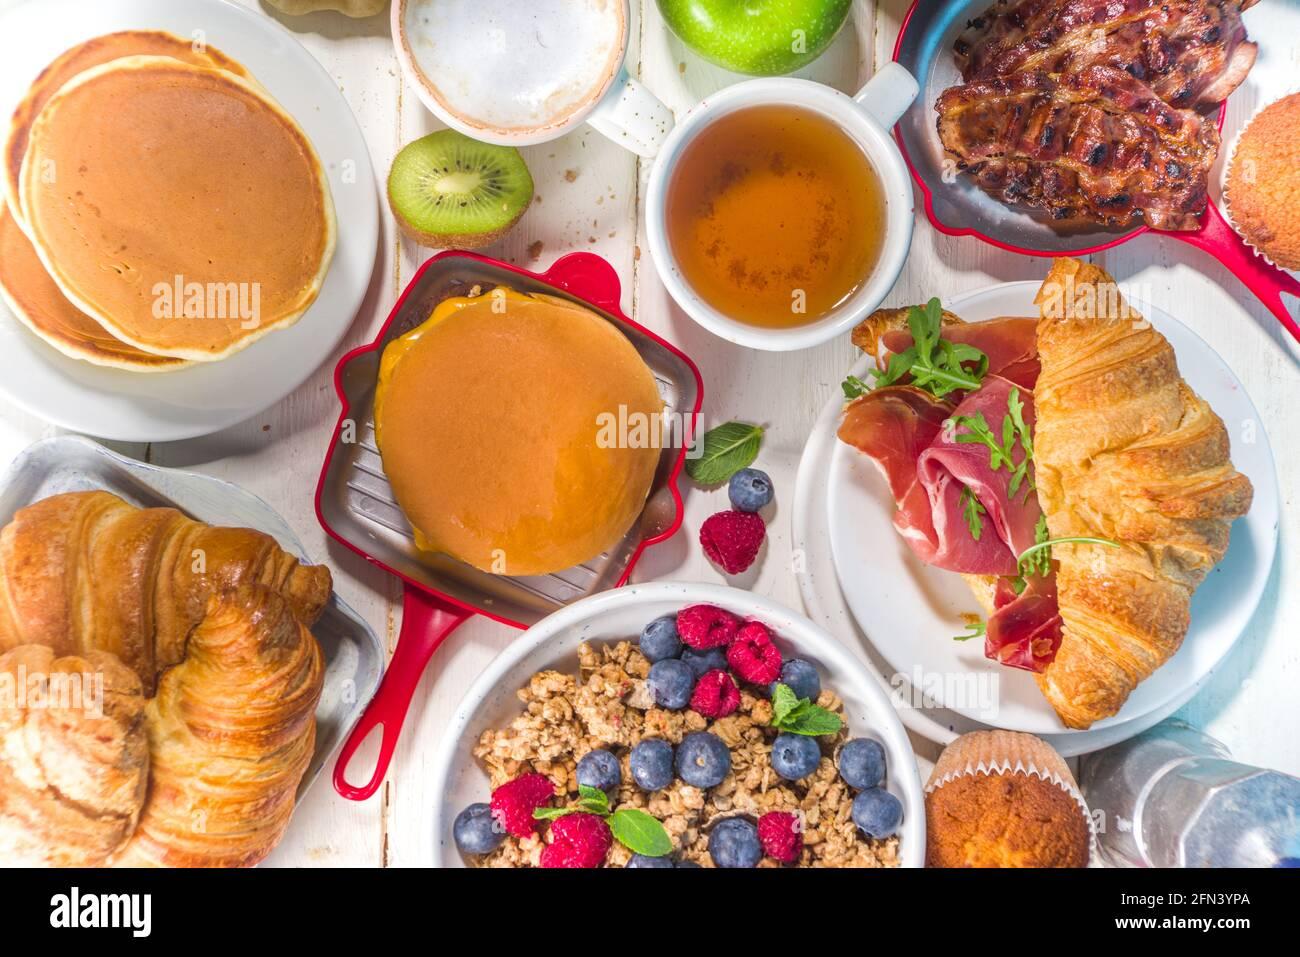 Divers plats traditionnels pour le petit déjeuner - œufs frits avec bacon, muesli, avoine, gaufres, crêpes, hamburger, croissants, fruits, café, thé et orange j Banque D'Images